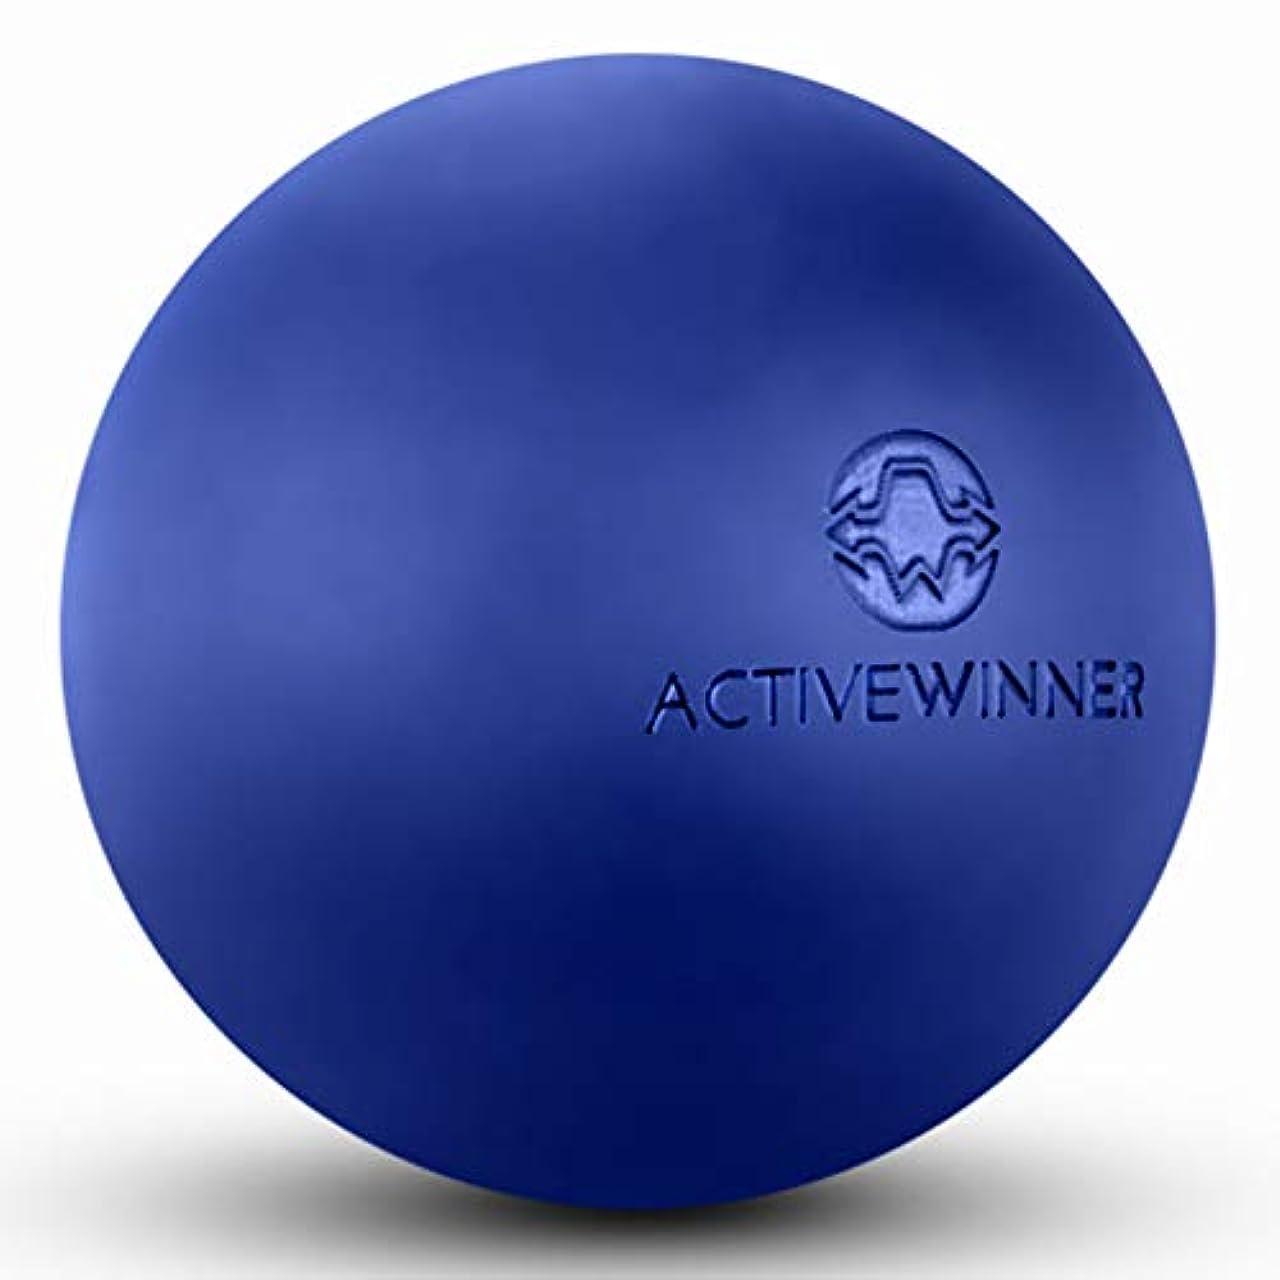 然としたシダ本部Active Winner マッサージボール トリガーポイント (ネイビー) ストレッチボール 筋膜リリース トレーニング 背中 肩こり 腰 ふくらはぎ 足 ツボ押し